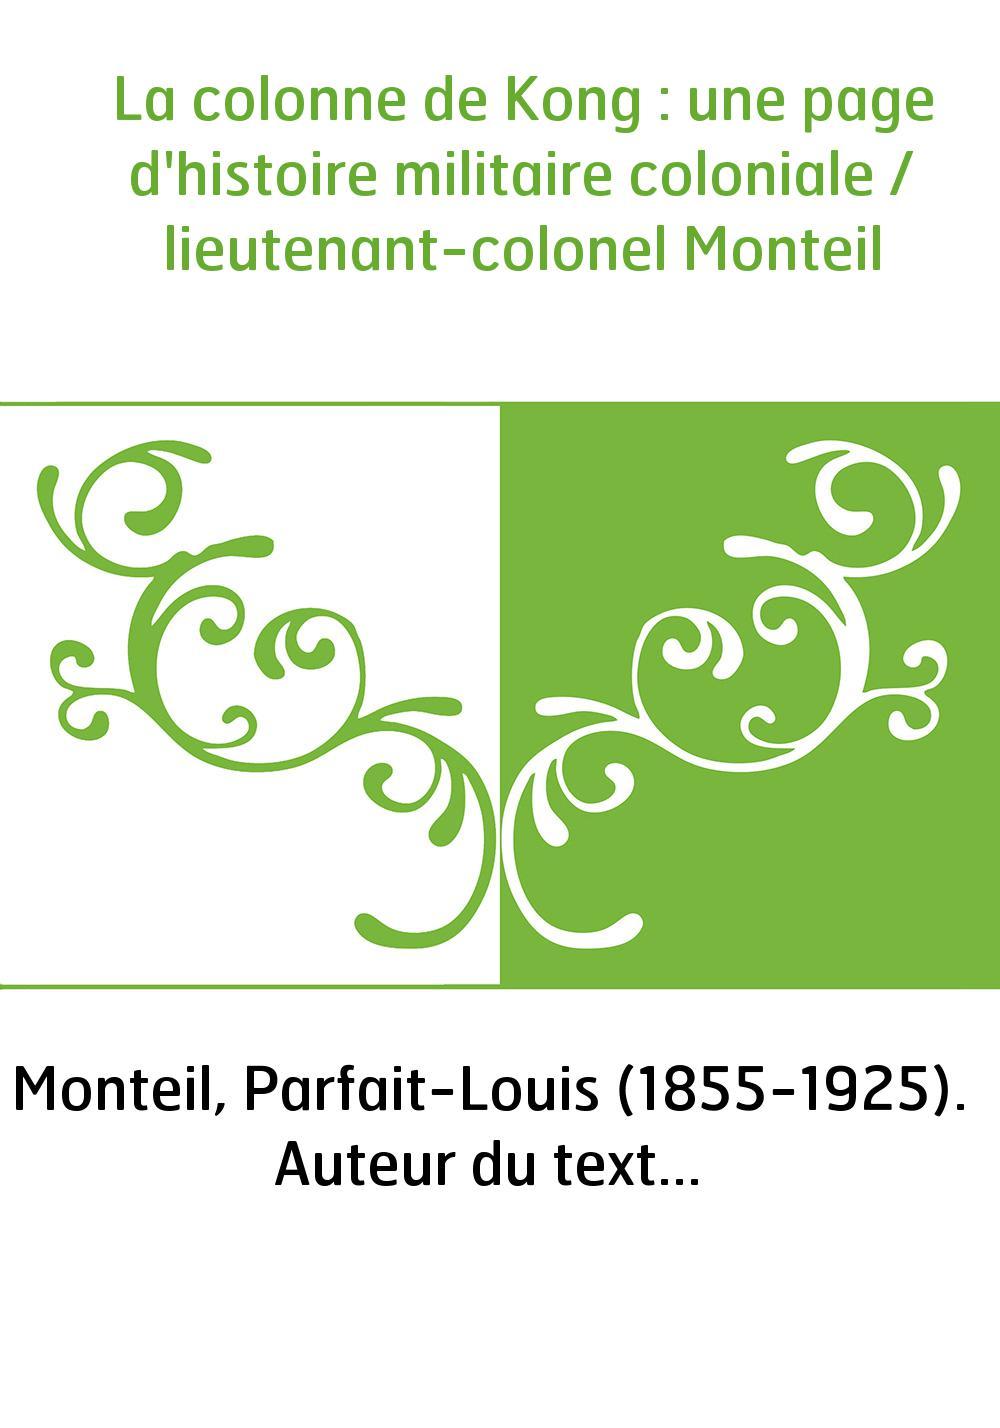 La colonne de Kong : une page d'histoire militaire coloniale / lieutenant-colonel Monteil